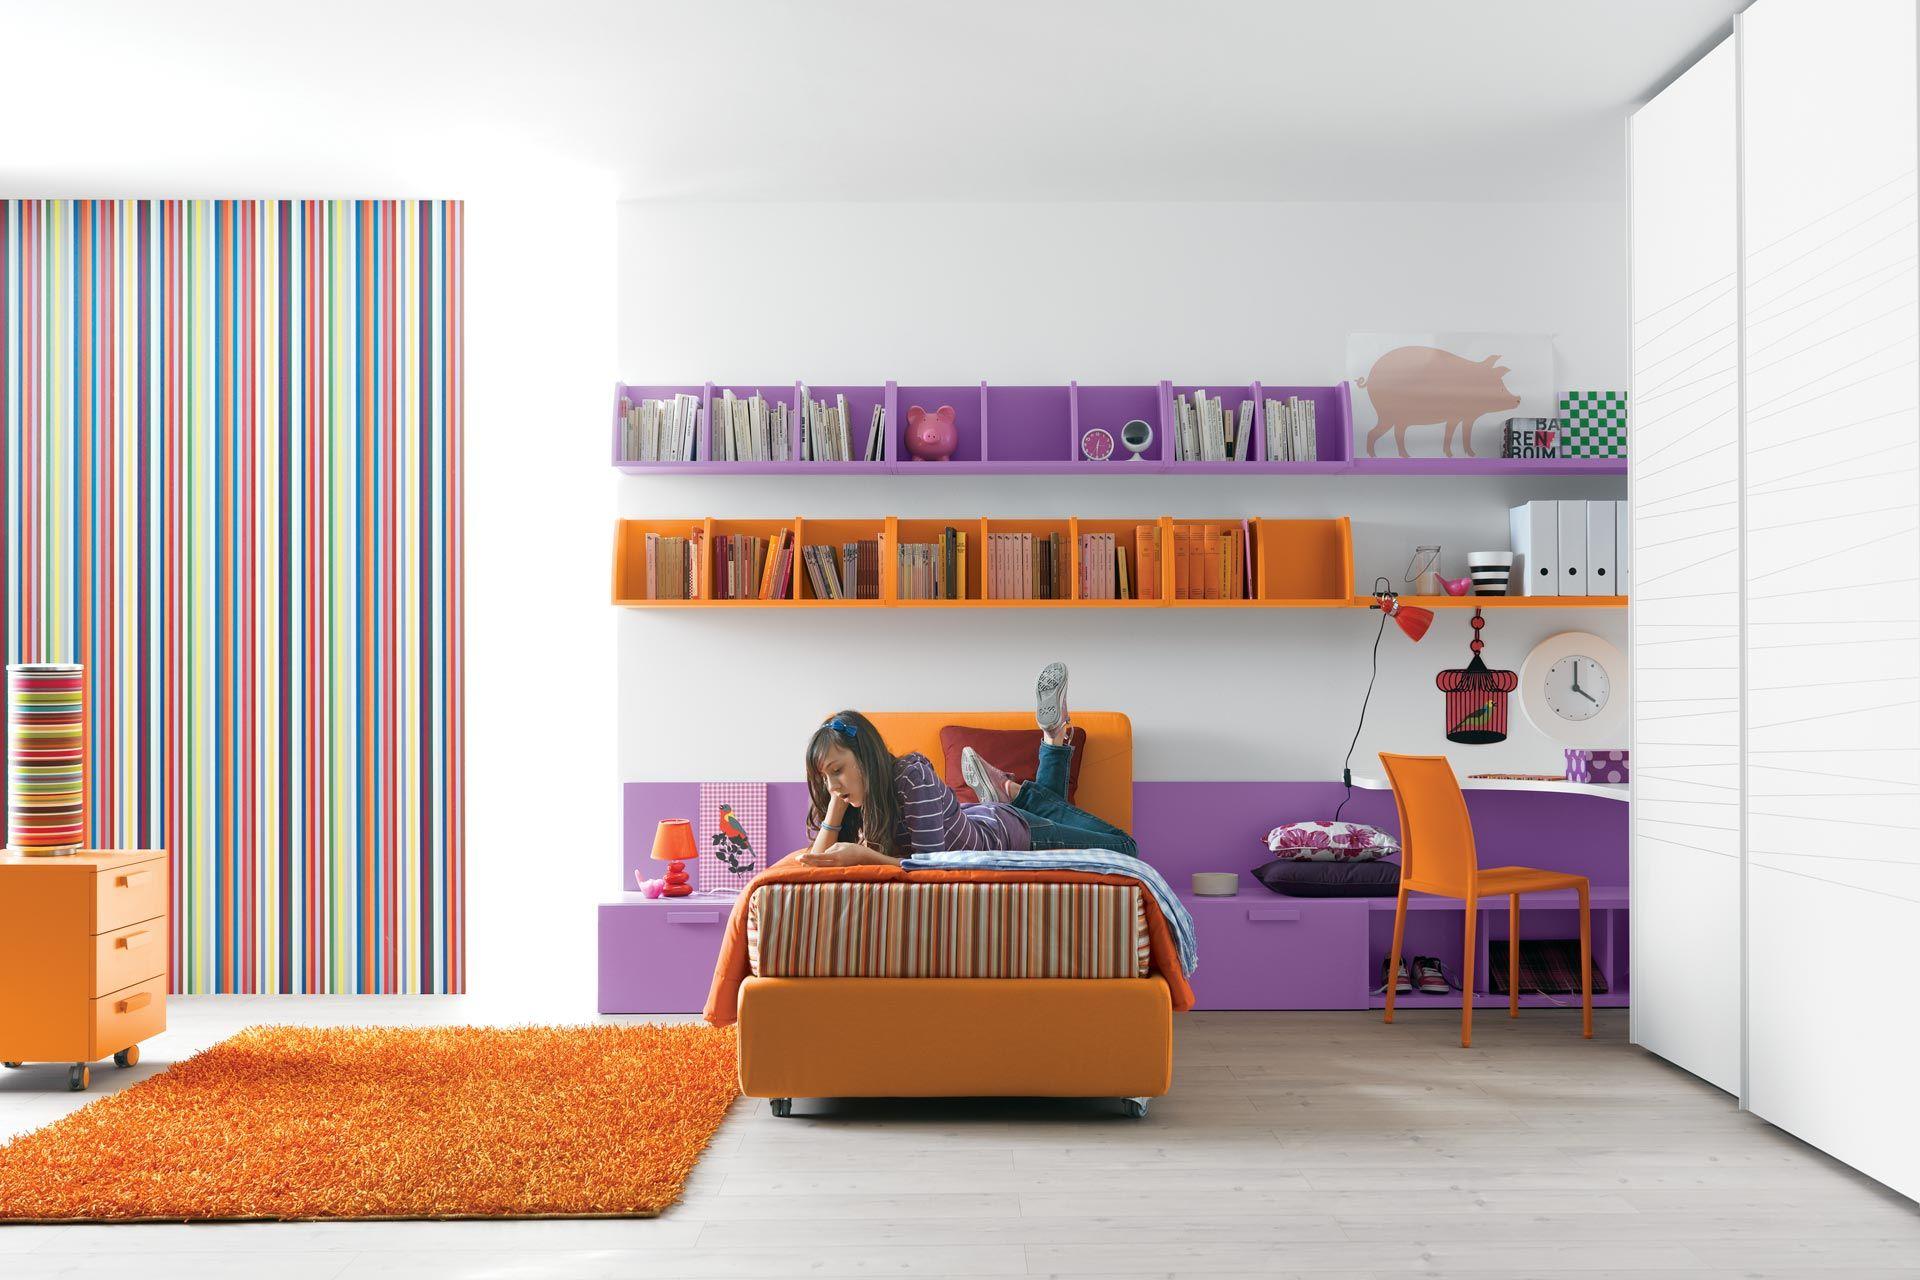 Battistelli Camerette ~ Klou le camerette idea camerette per bambini e ragazzi